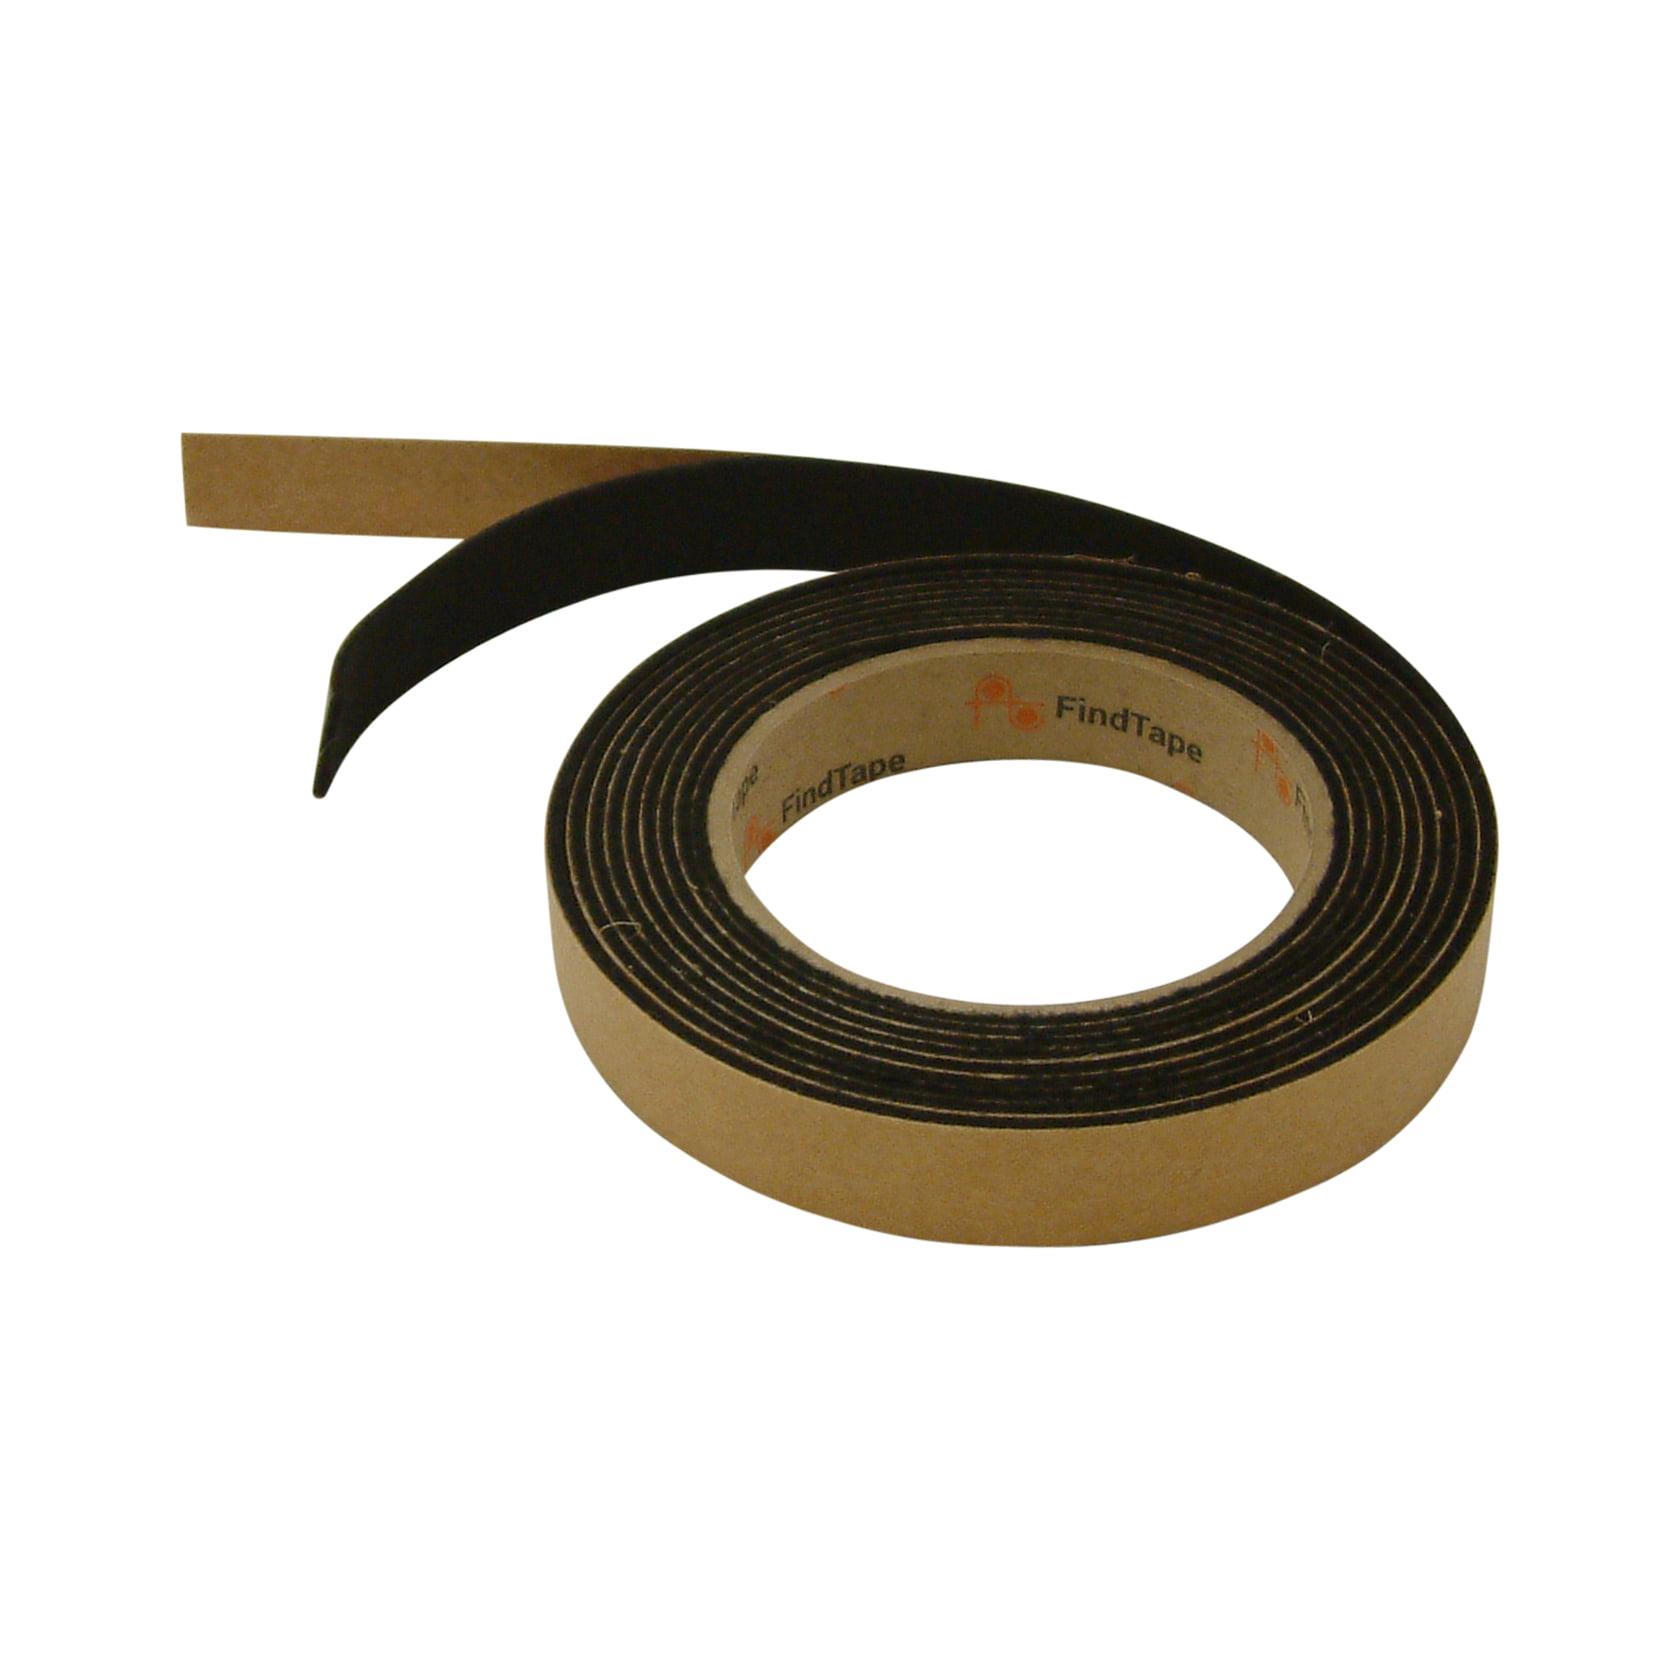 JVCC FELT-065 Polyester Felt Tape: 3/4 in. x 10 ft. (Black)